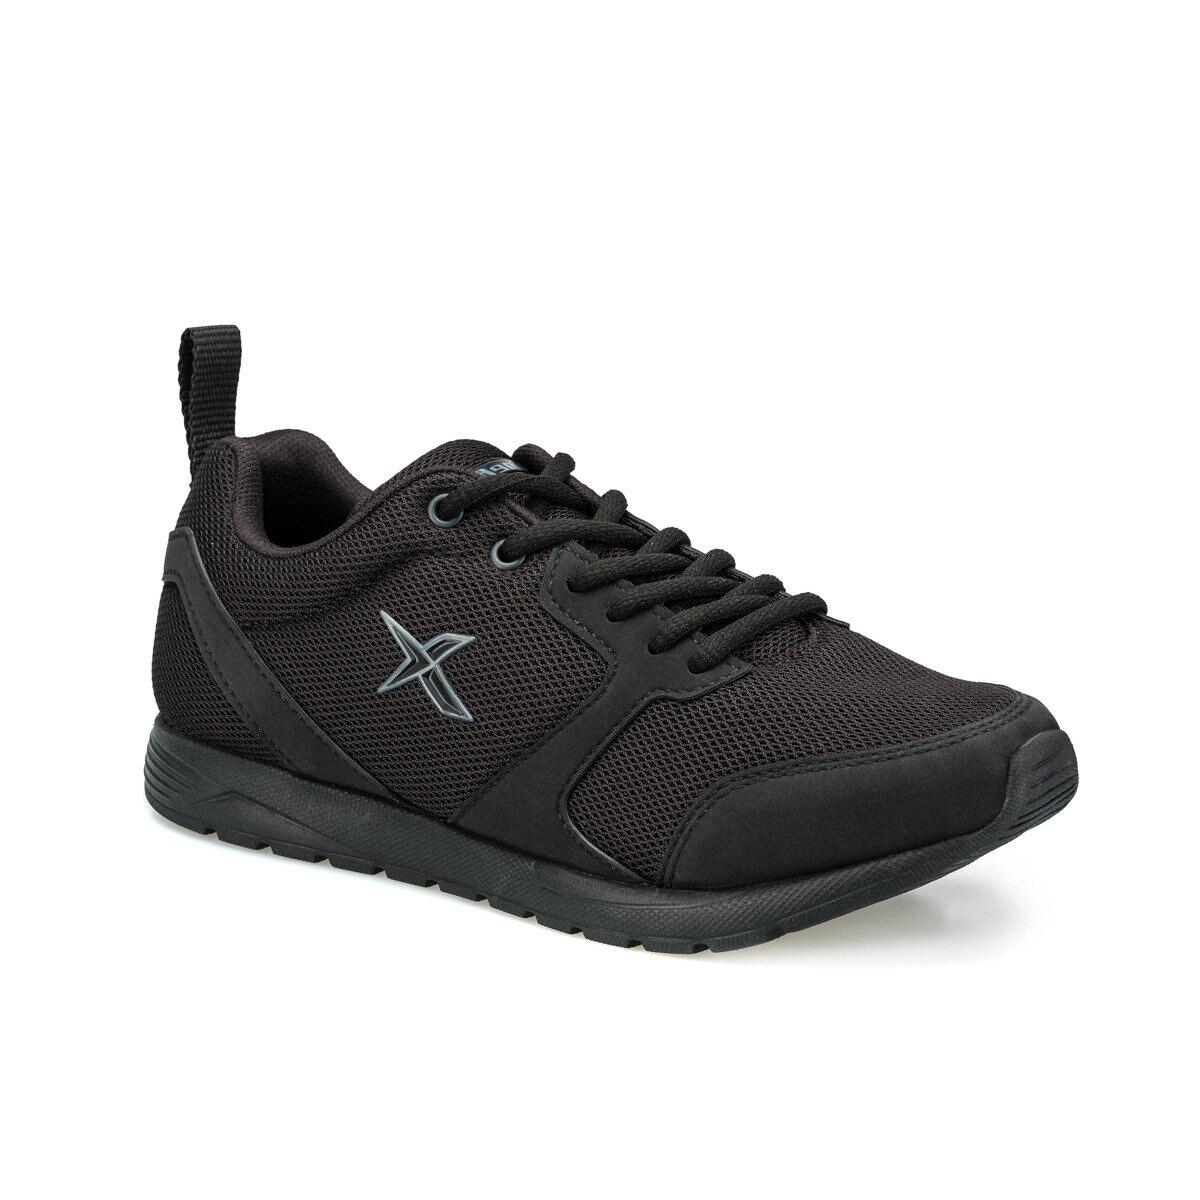 FLO CAPELLA W Black Women 'S Running Shoe KINETIX